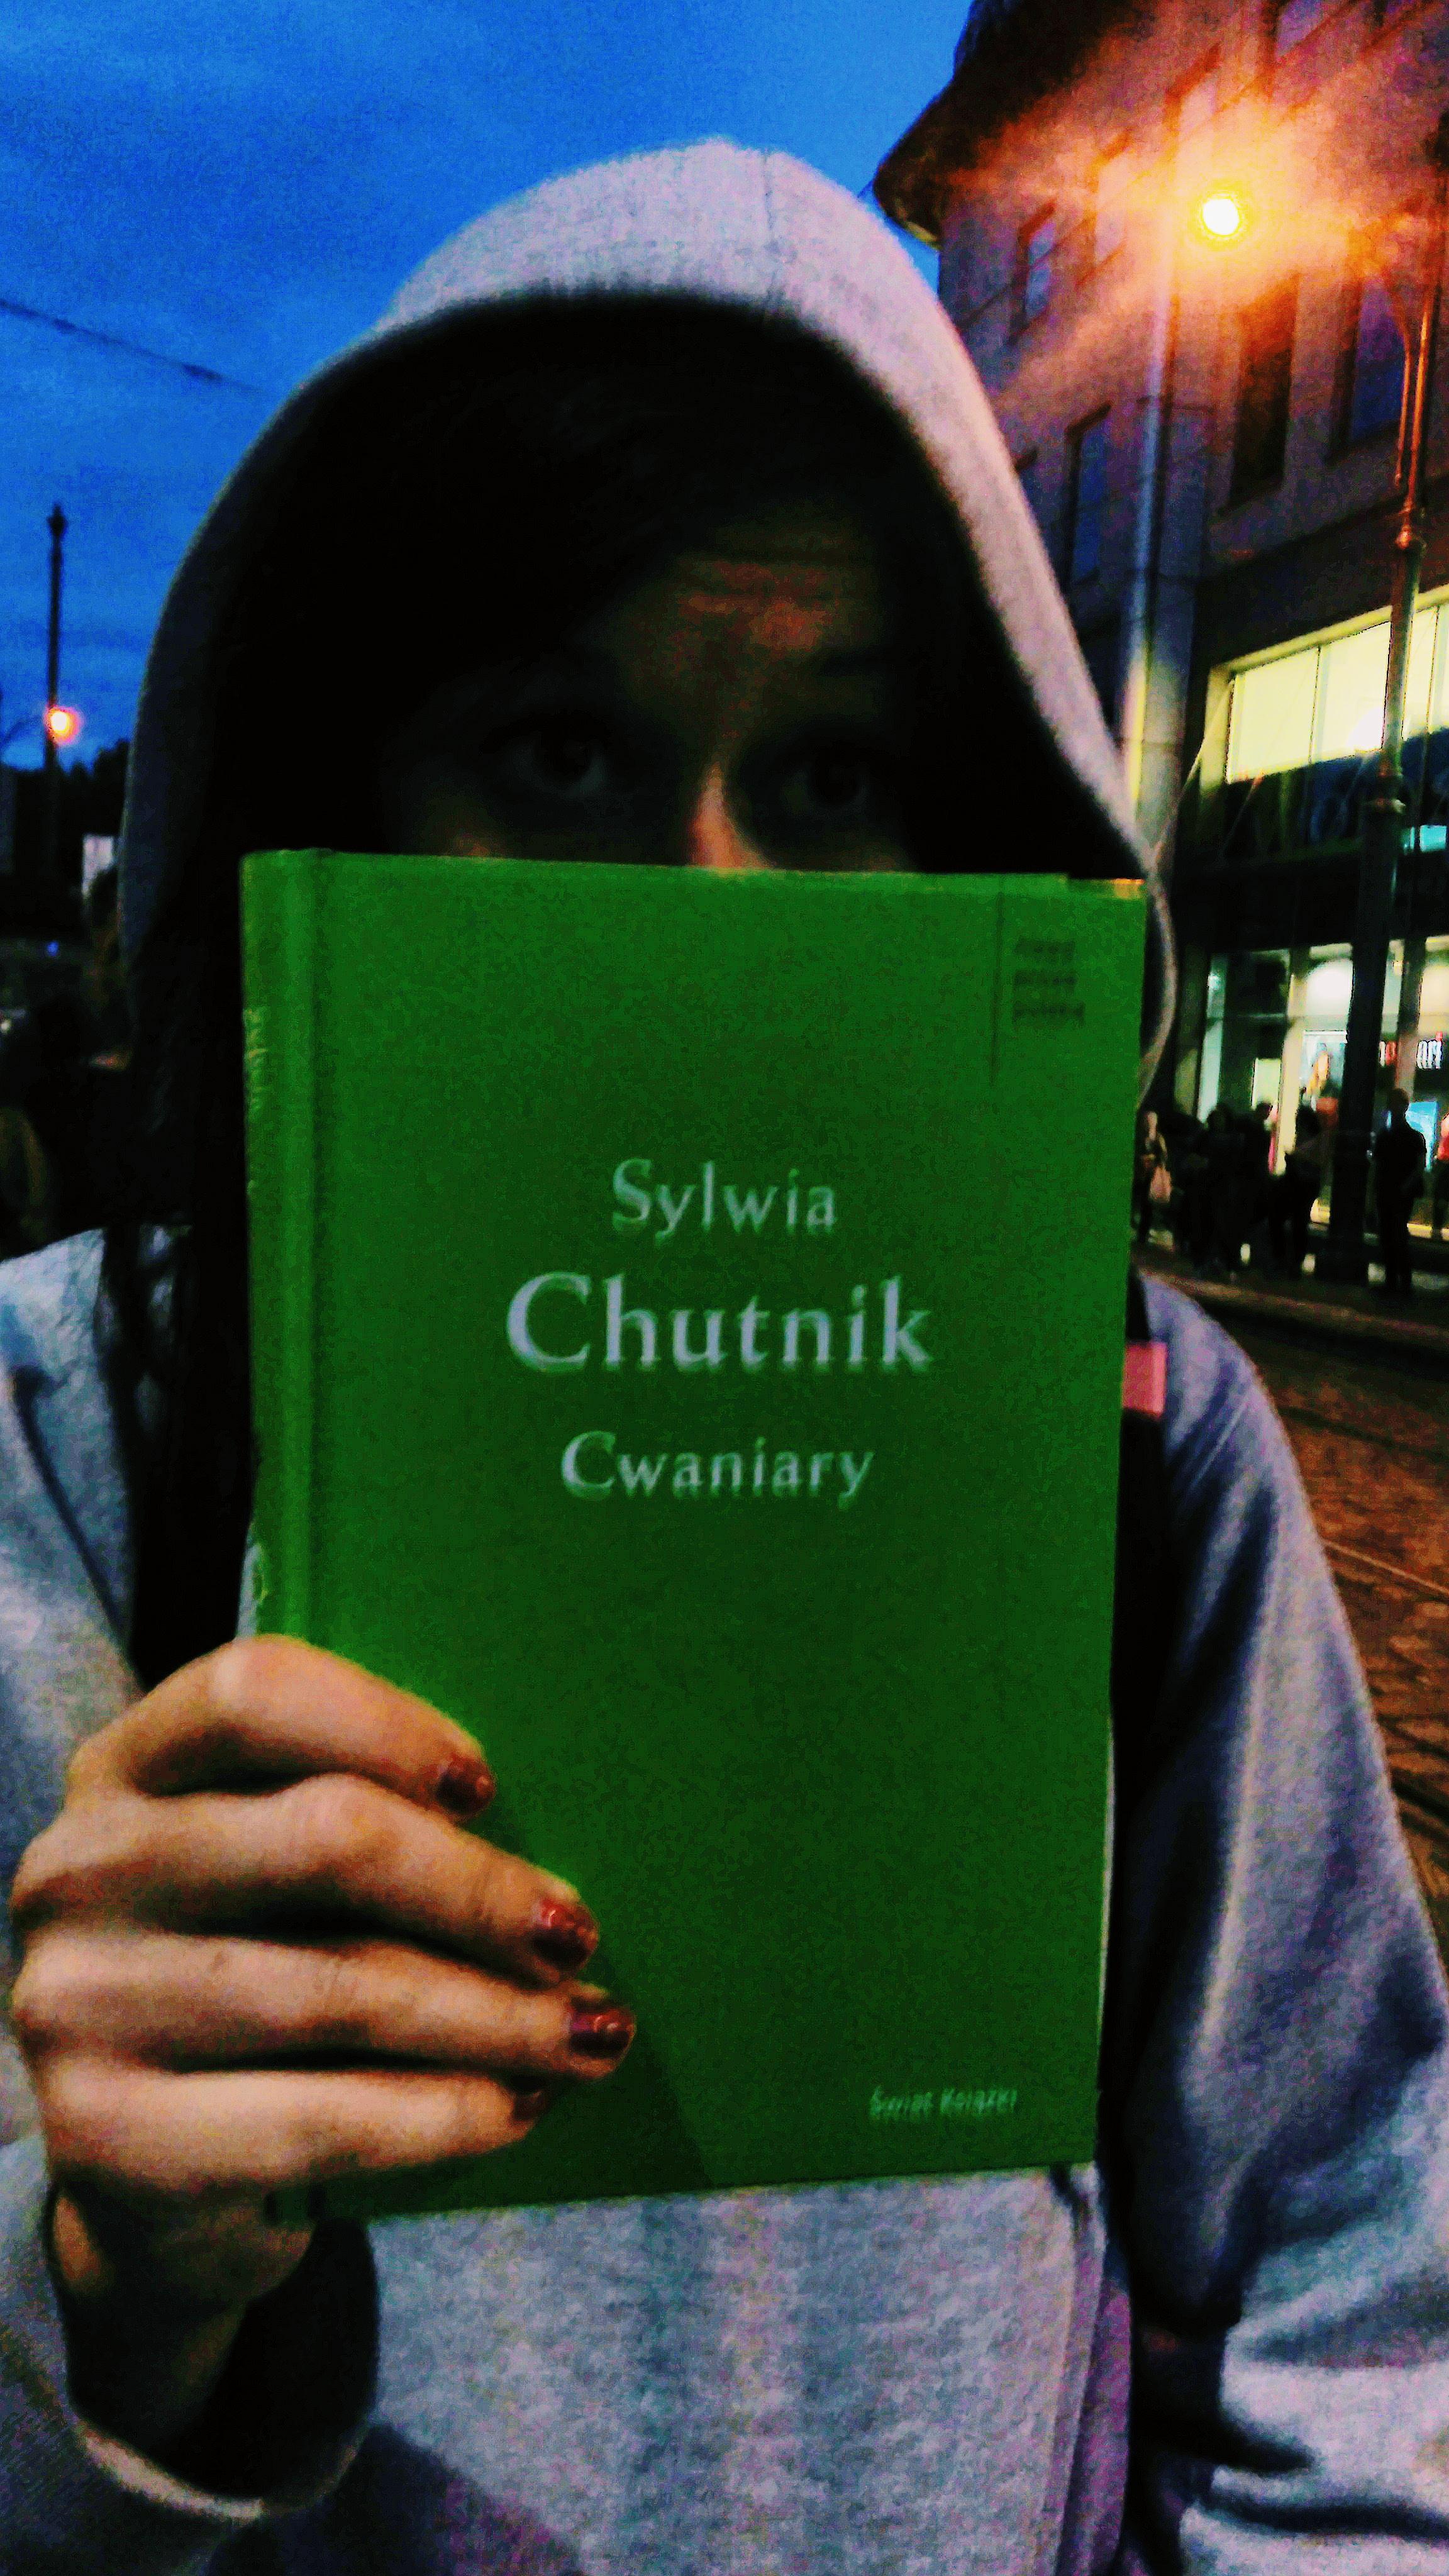 Sylwia Chutnik — Cwaniary